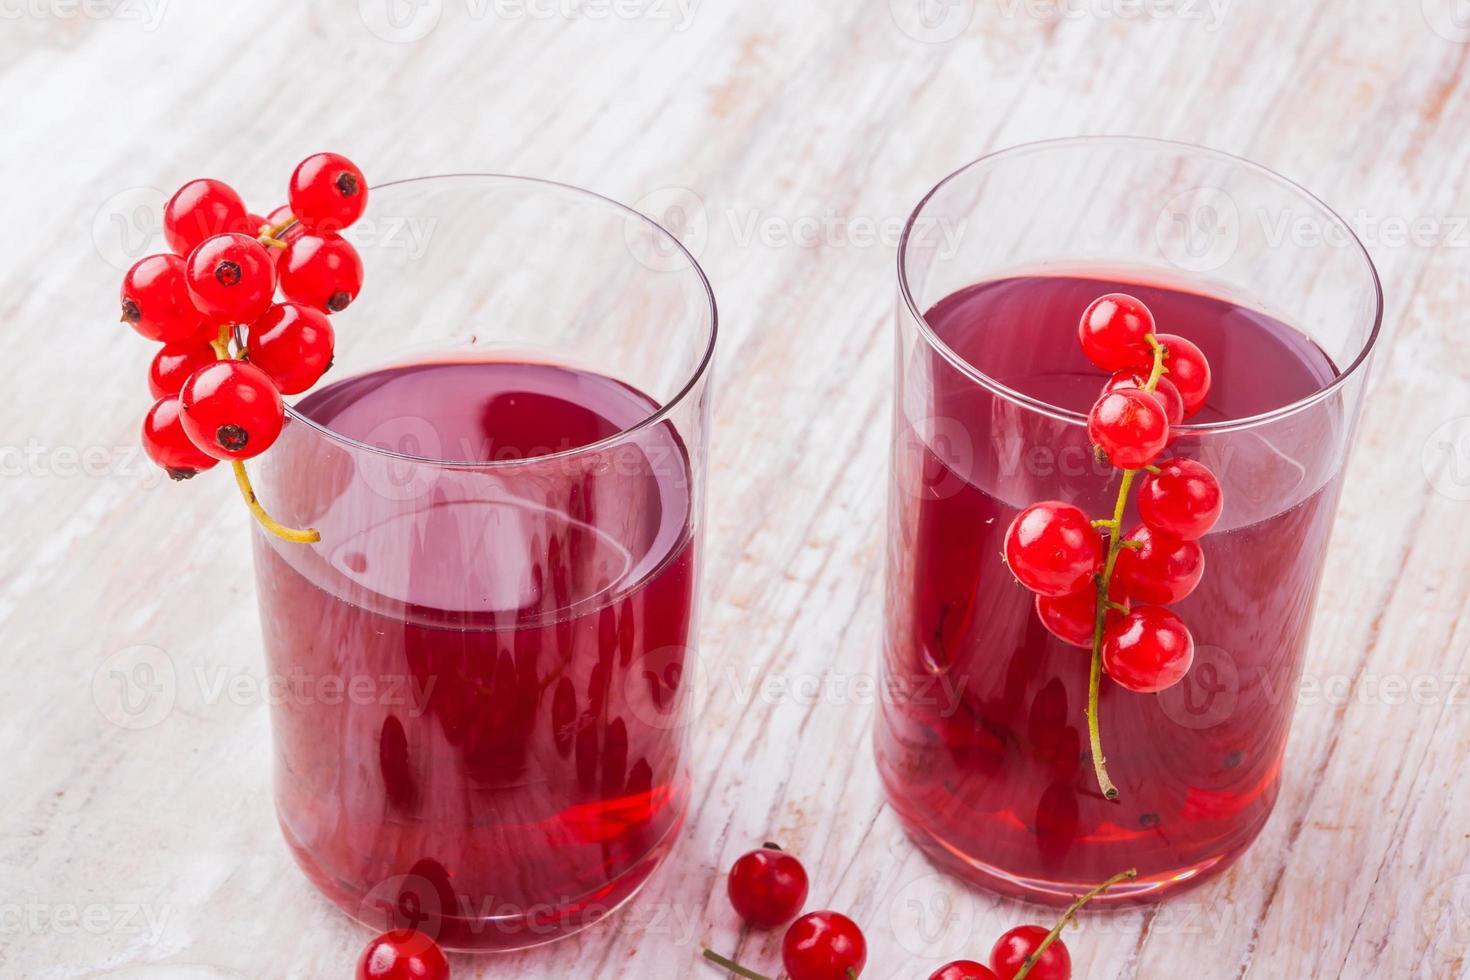 bebida de grosella roja en glassen foto